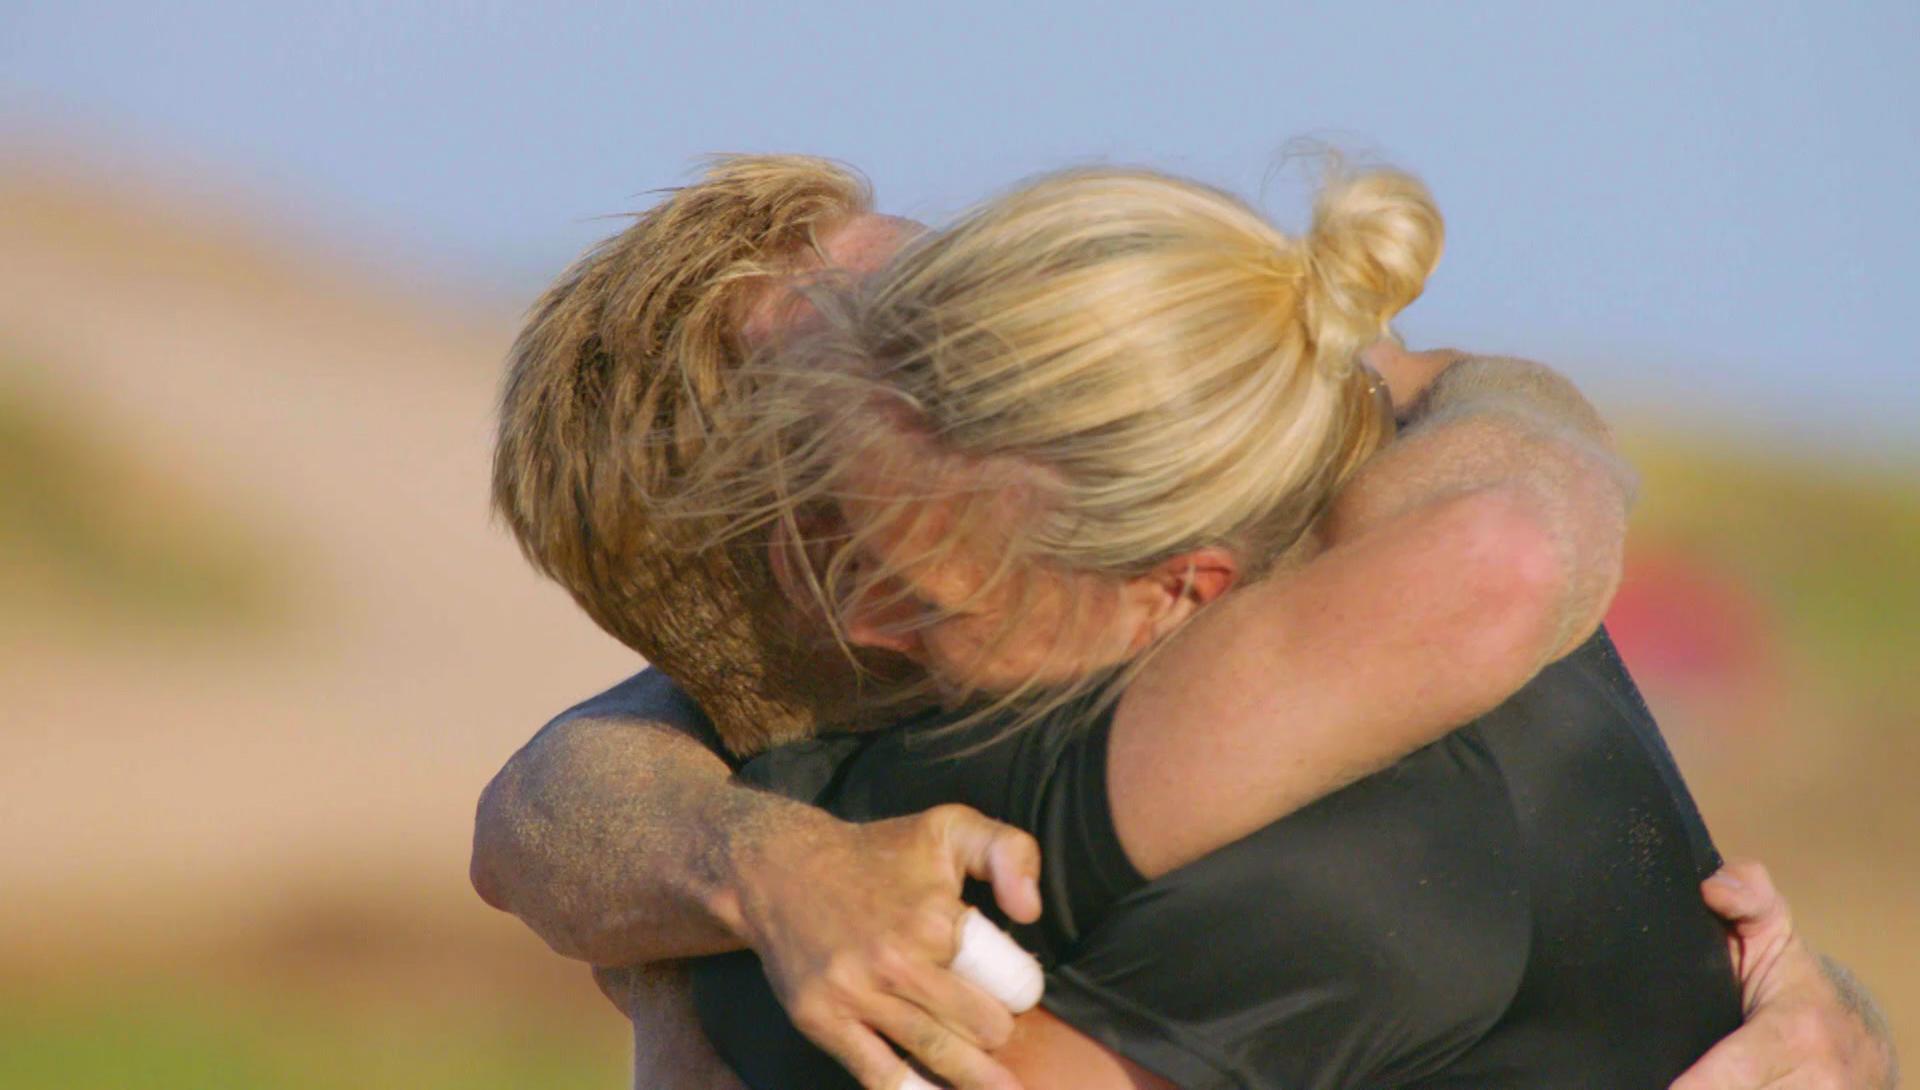 Ting å huske på når dating en idrettsutøver